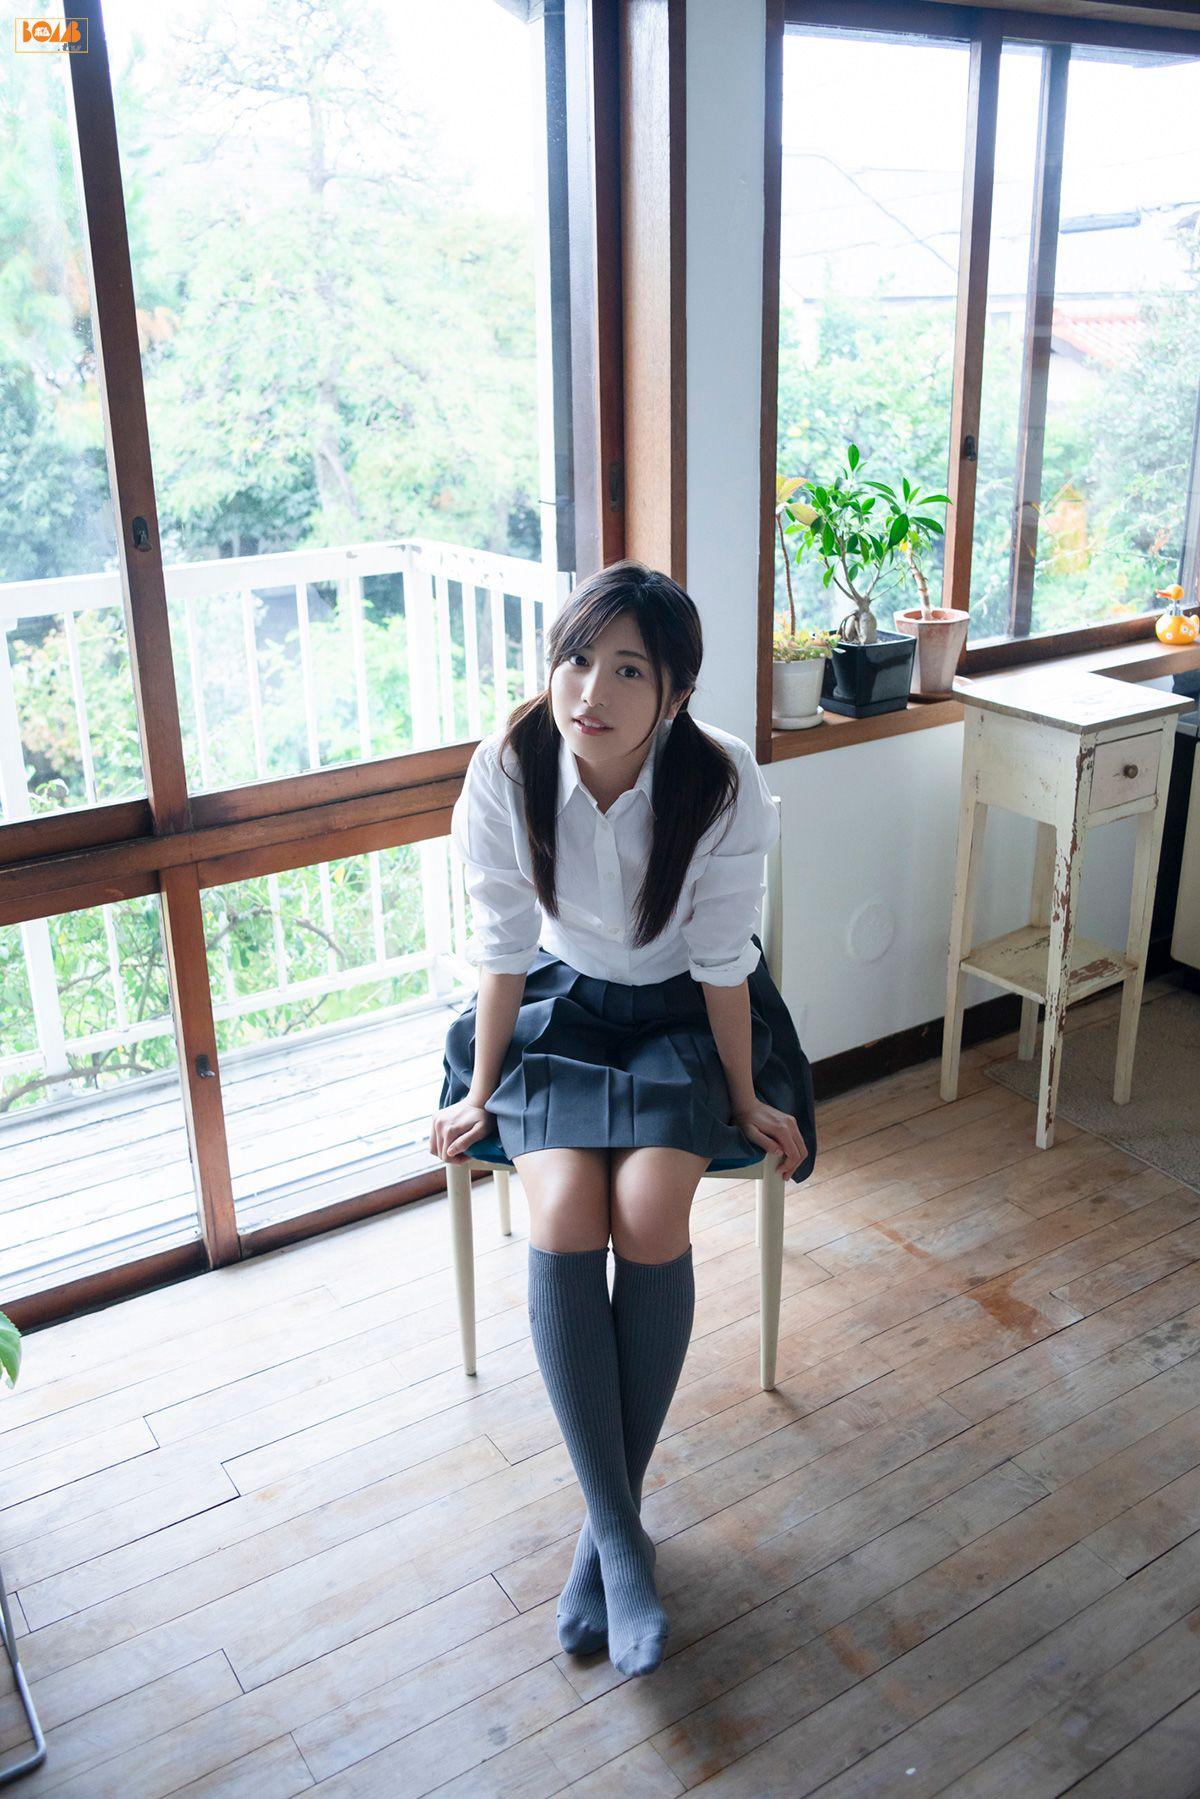 VOL.19 [Bomb.TV]日本萌妹子性感少女:吉田莉樱(吉田莉桜)超高清写真套图(61P)